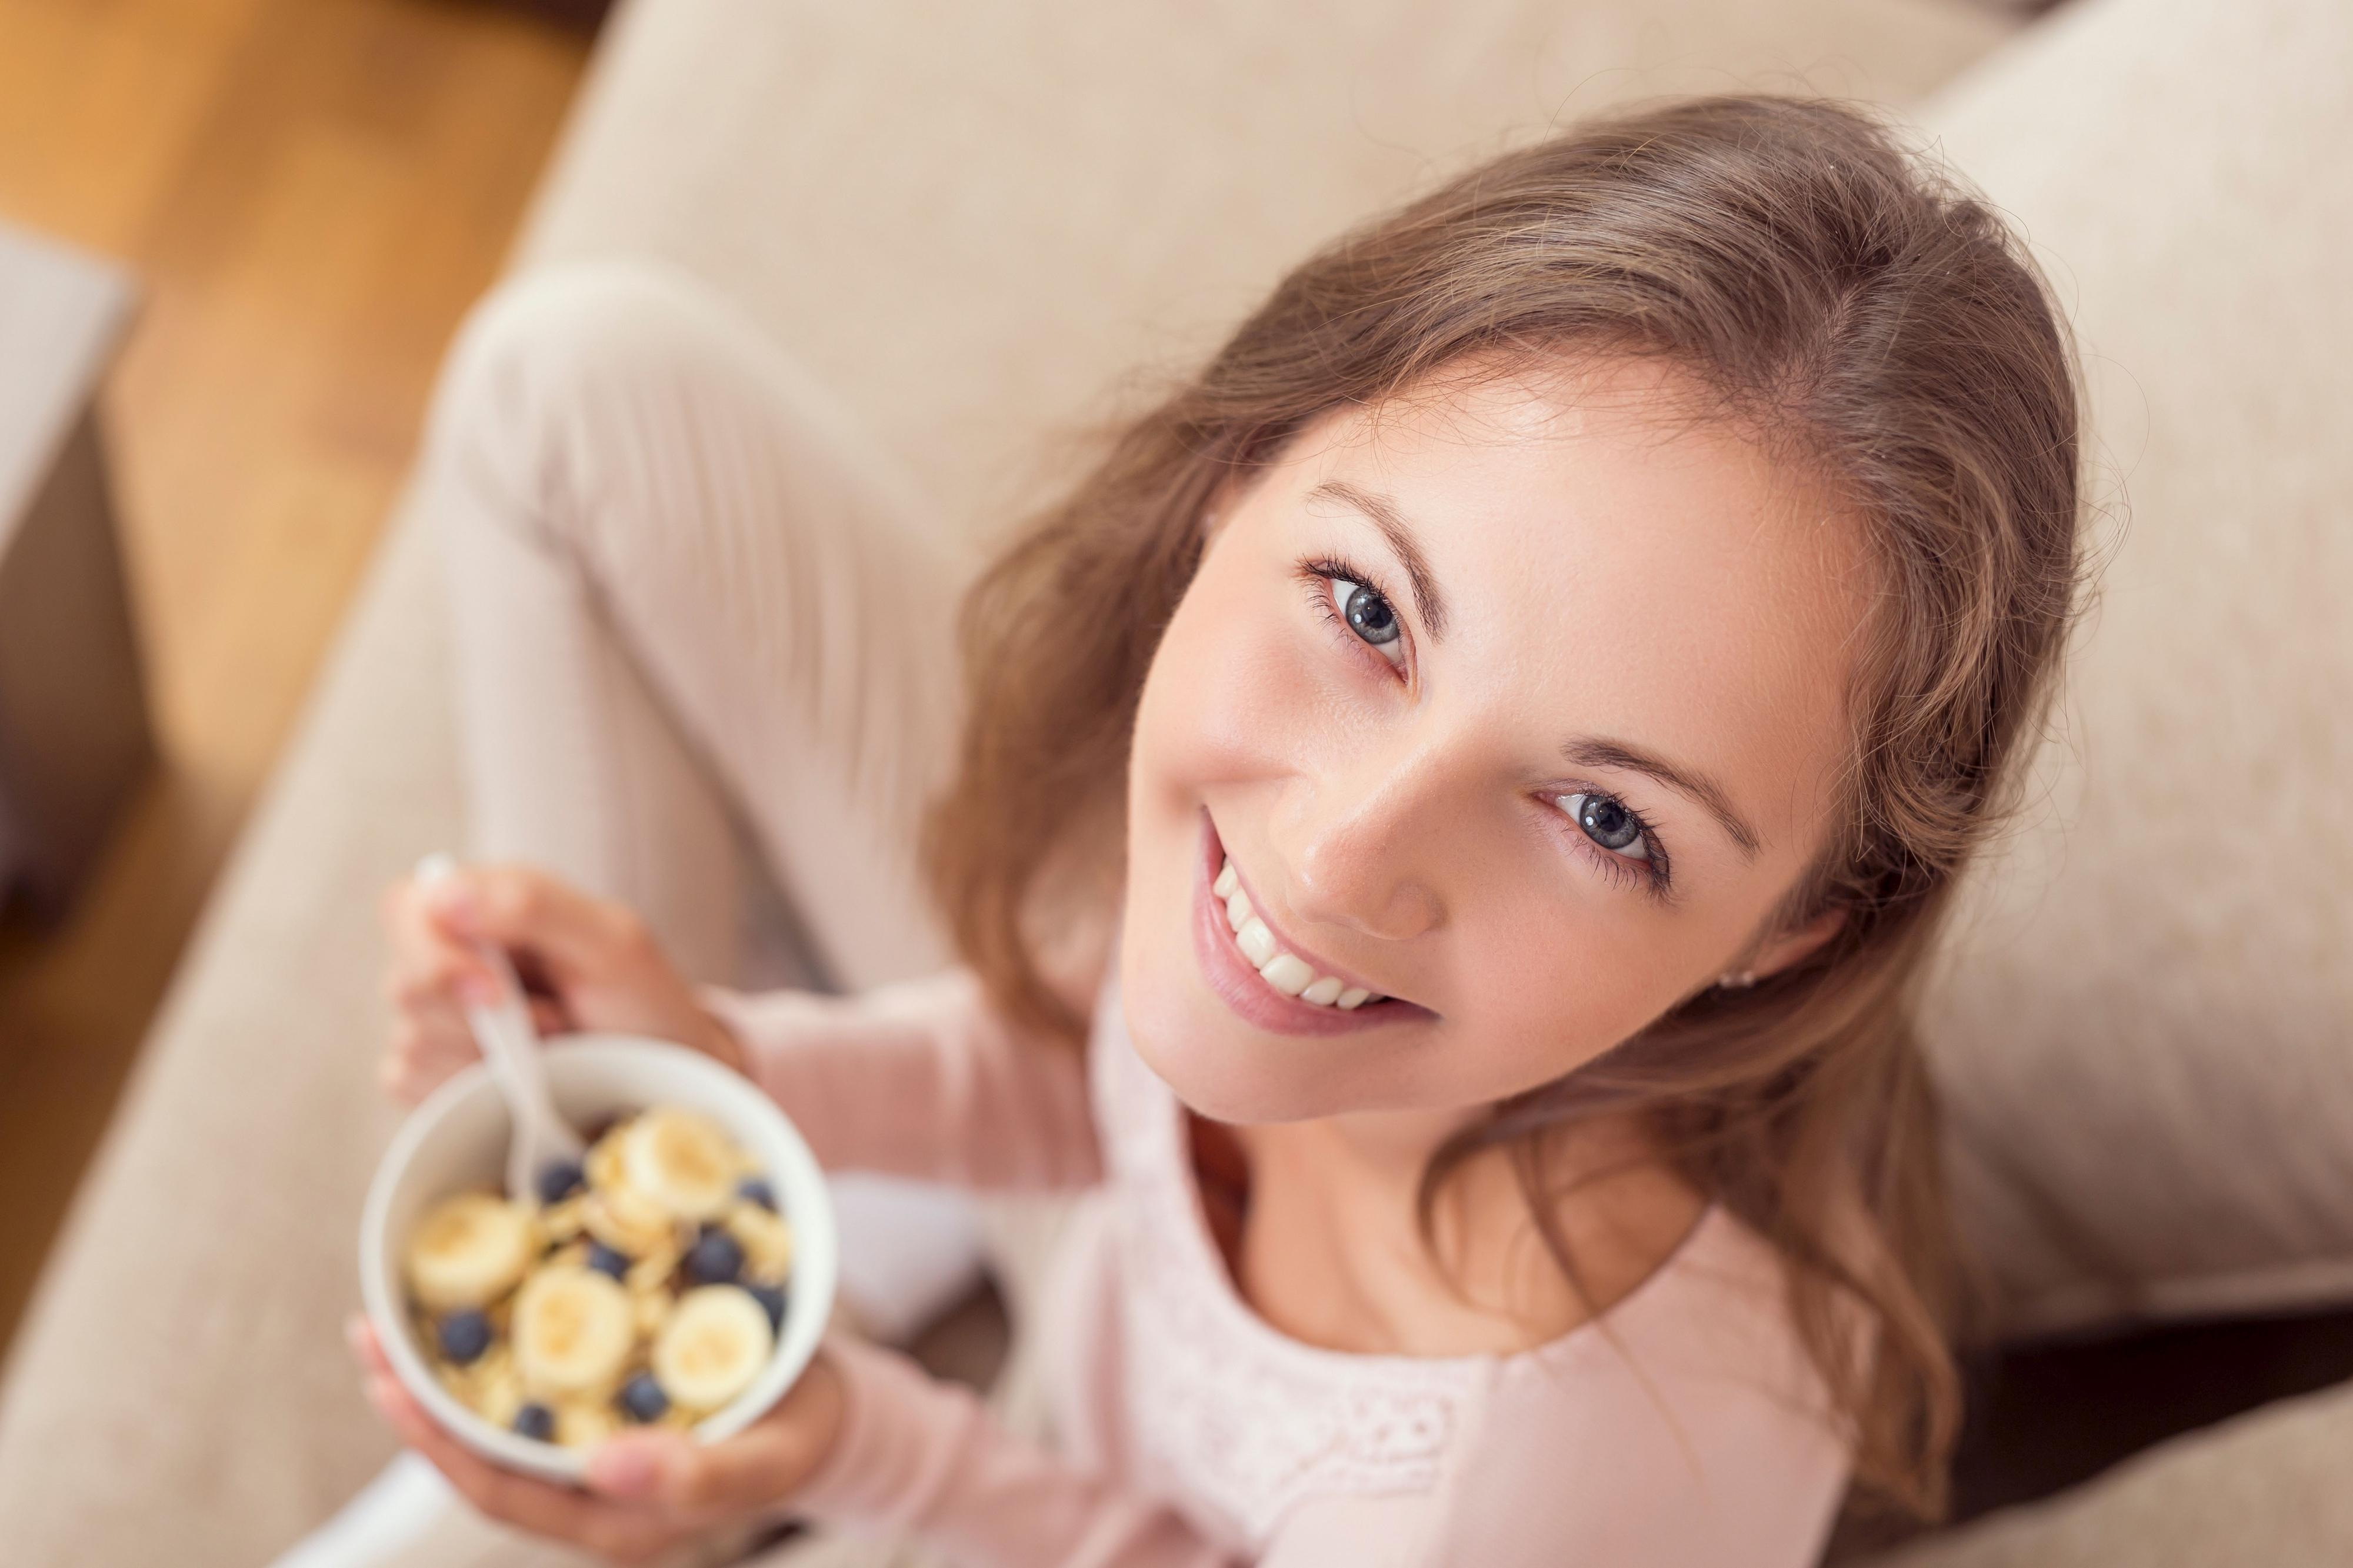 Trend: Porridge sättigt, ist kalorienarm und wird durch Obst, Zimt oder Nüsse zum Lieblingsfrühstück. Foto: djd/Jentschura International/Impact Photography - shutterstock